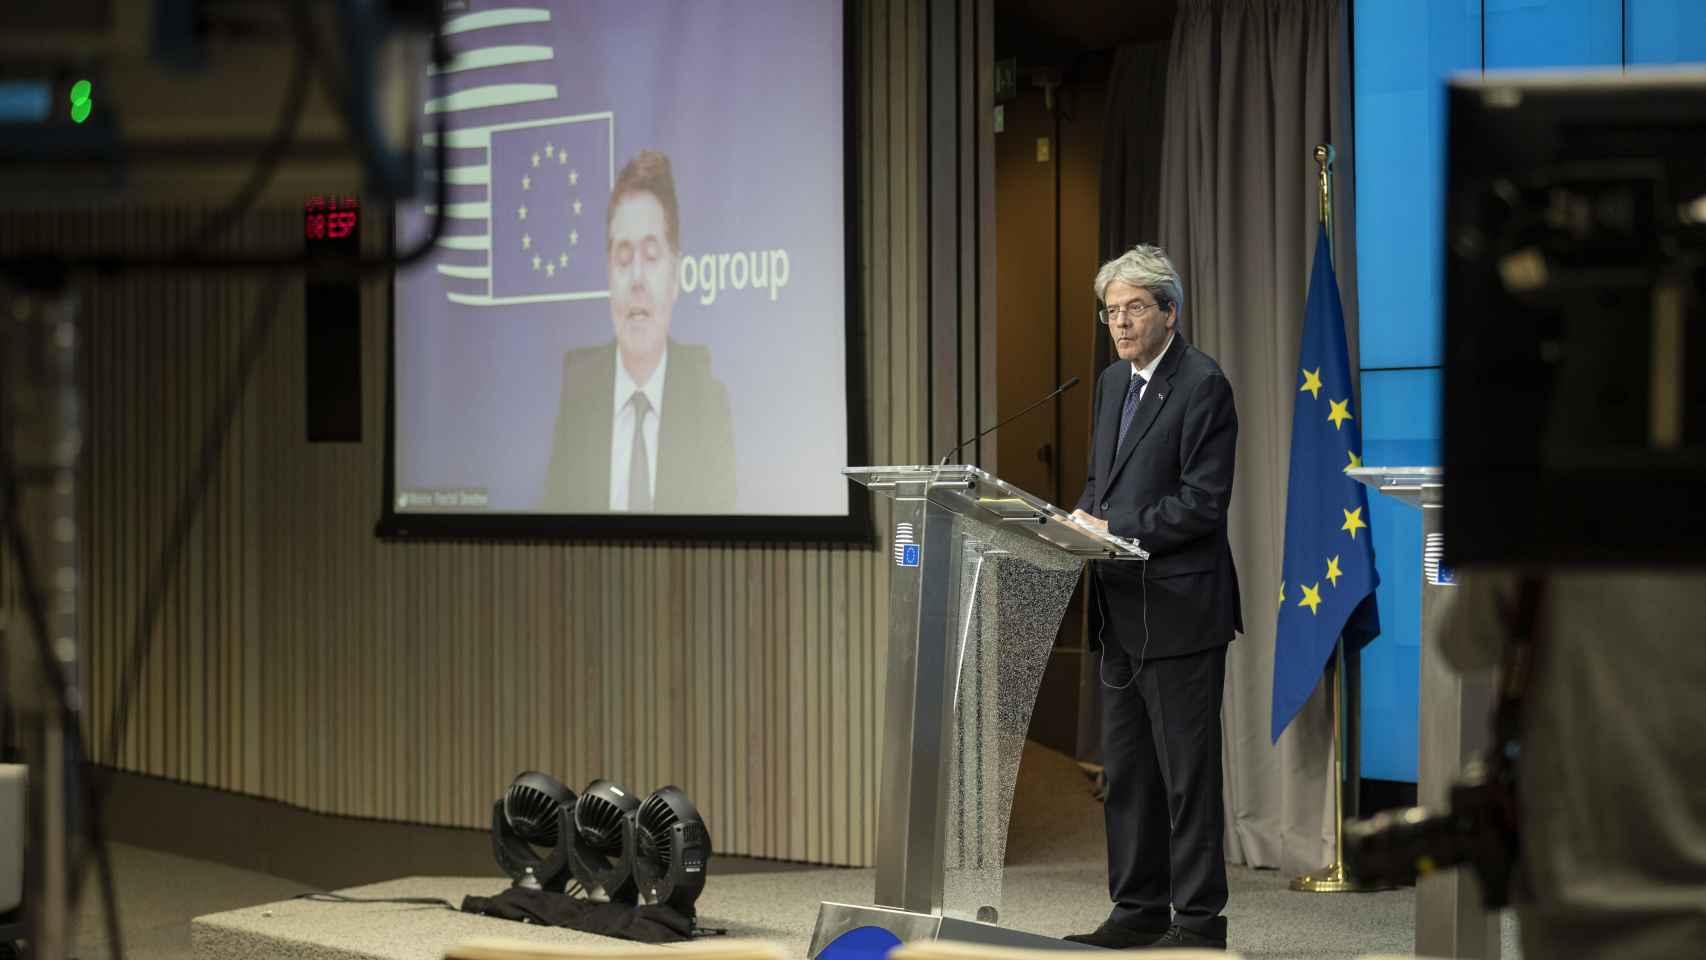 El presidente del Eurogrupo, Paschal Donohoe, y el comisario Paolo Gentiloni, durante la rueda de prensa de este lunes